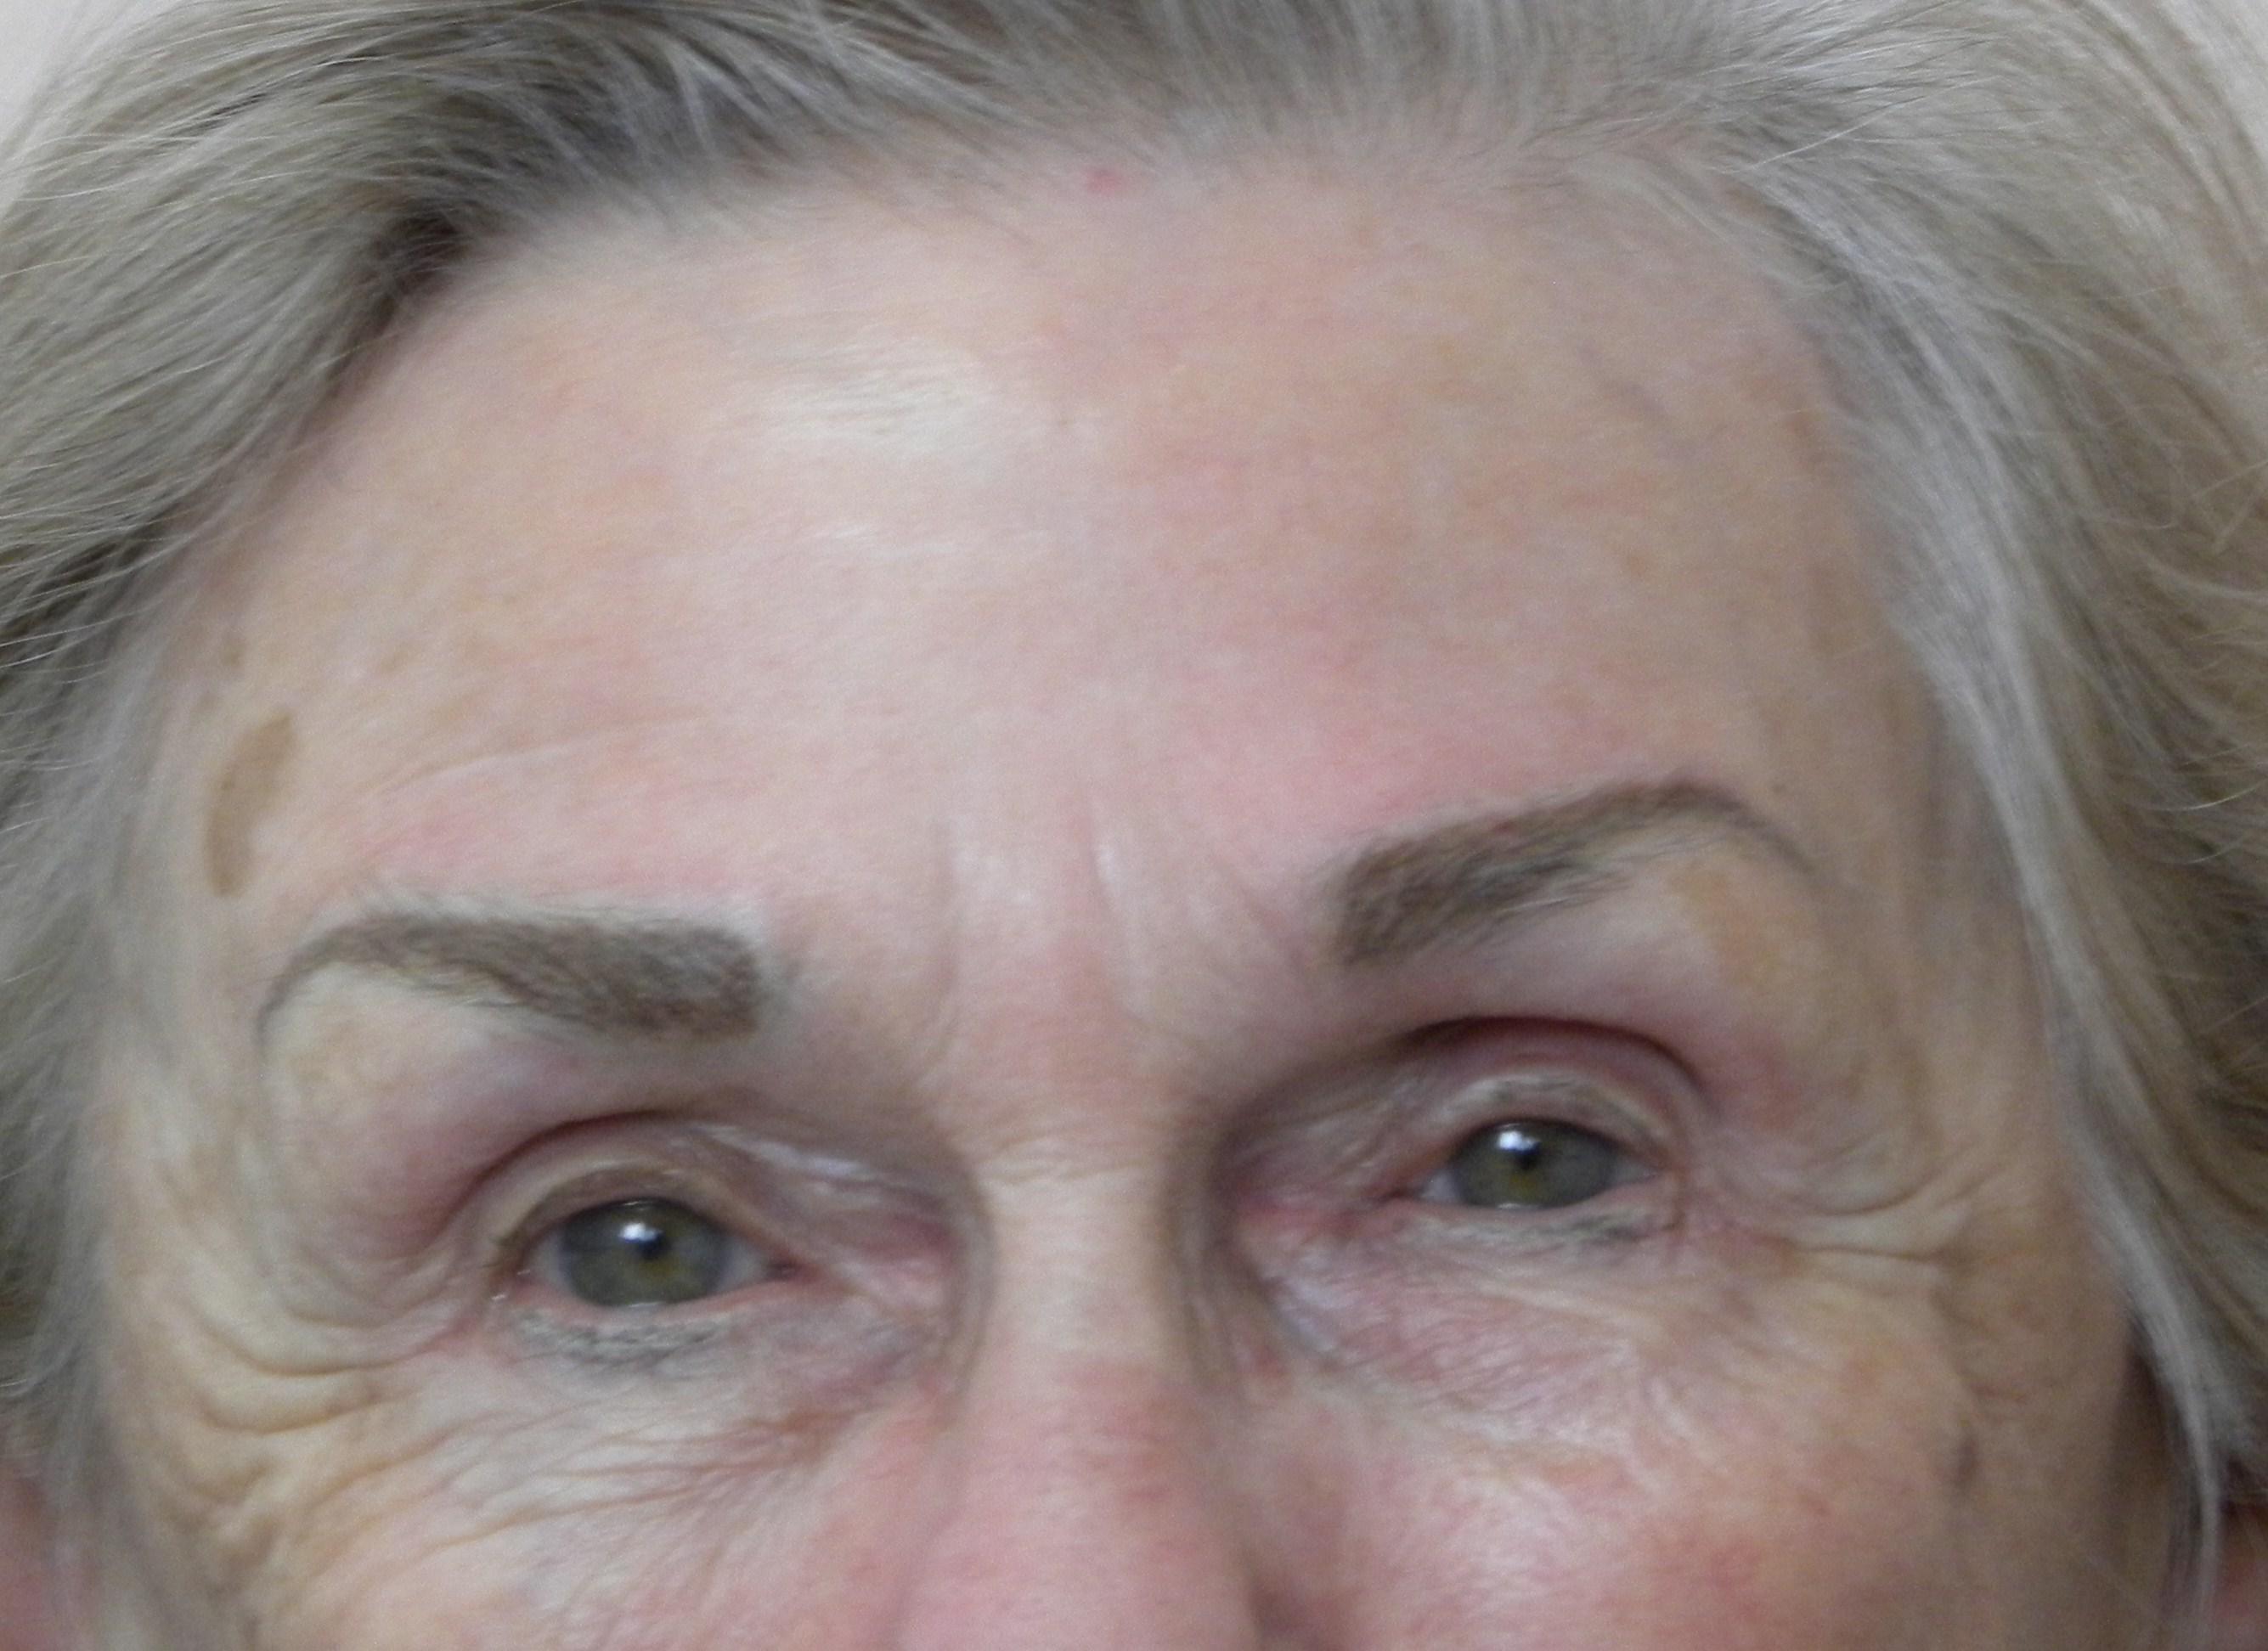 Skin Changes Older People